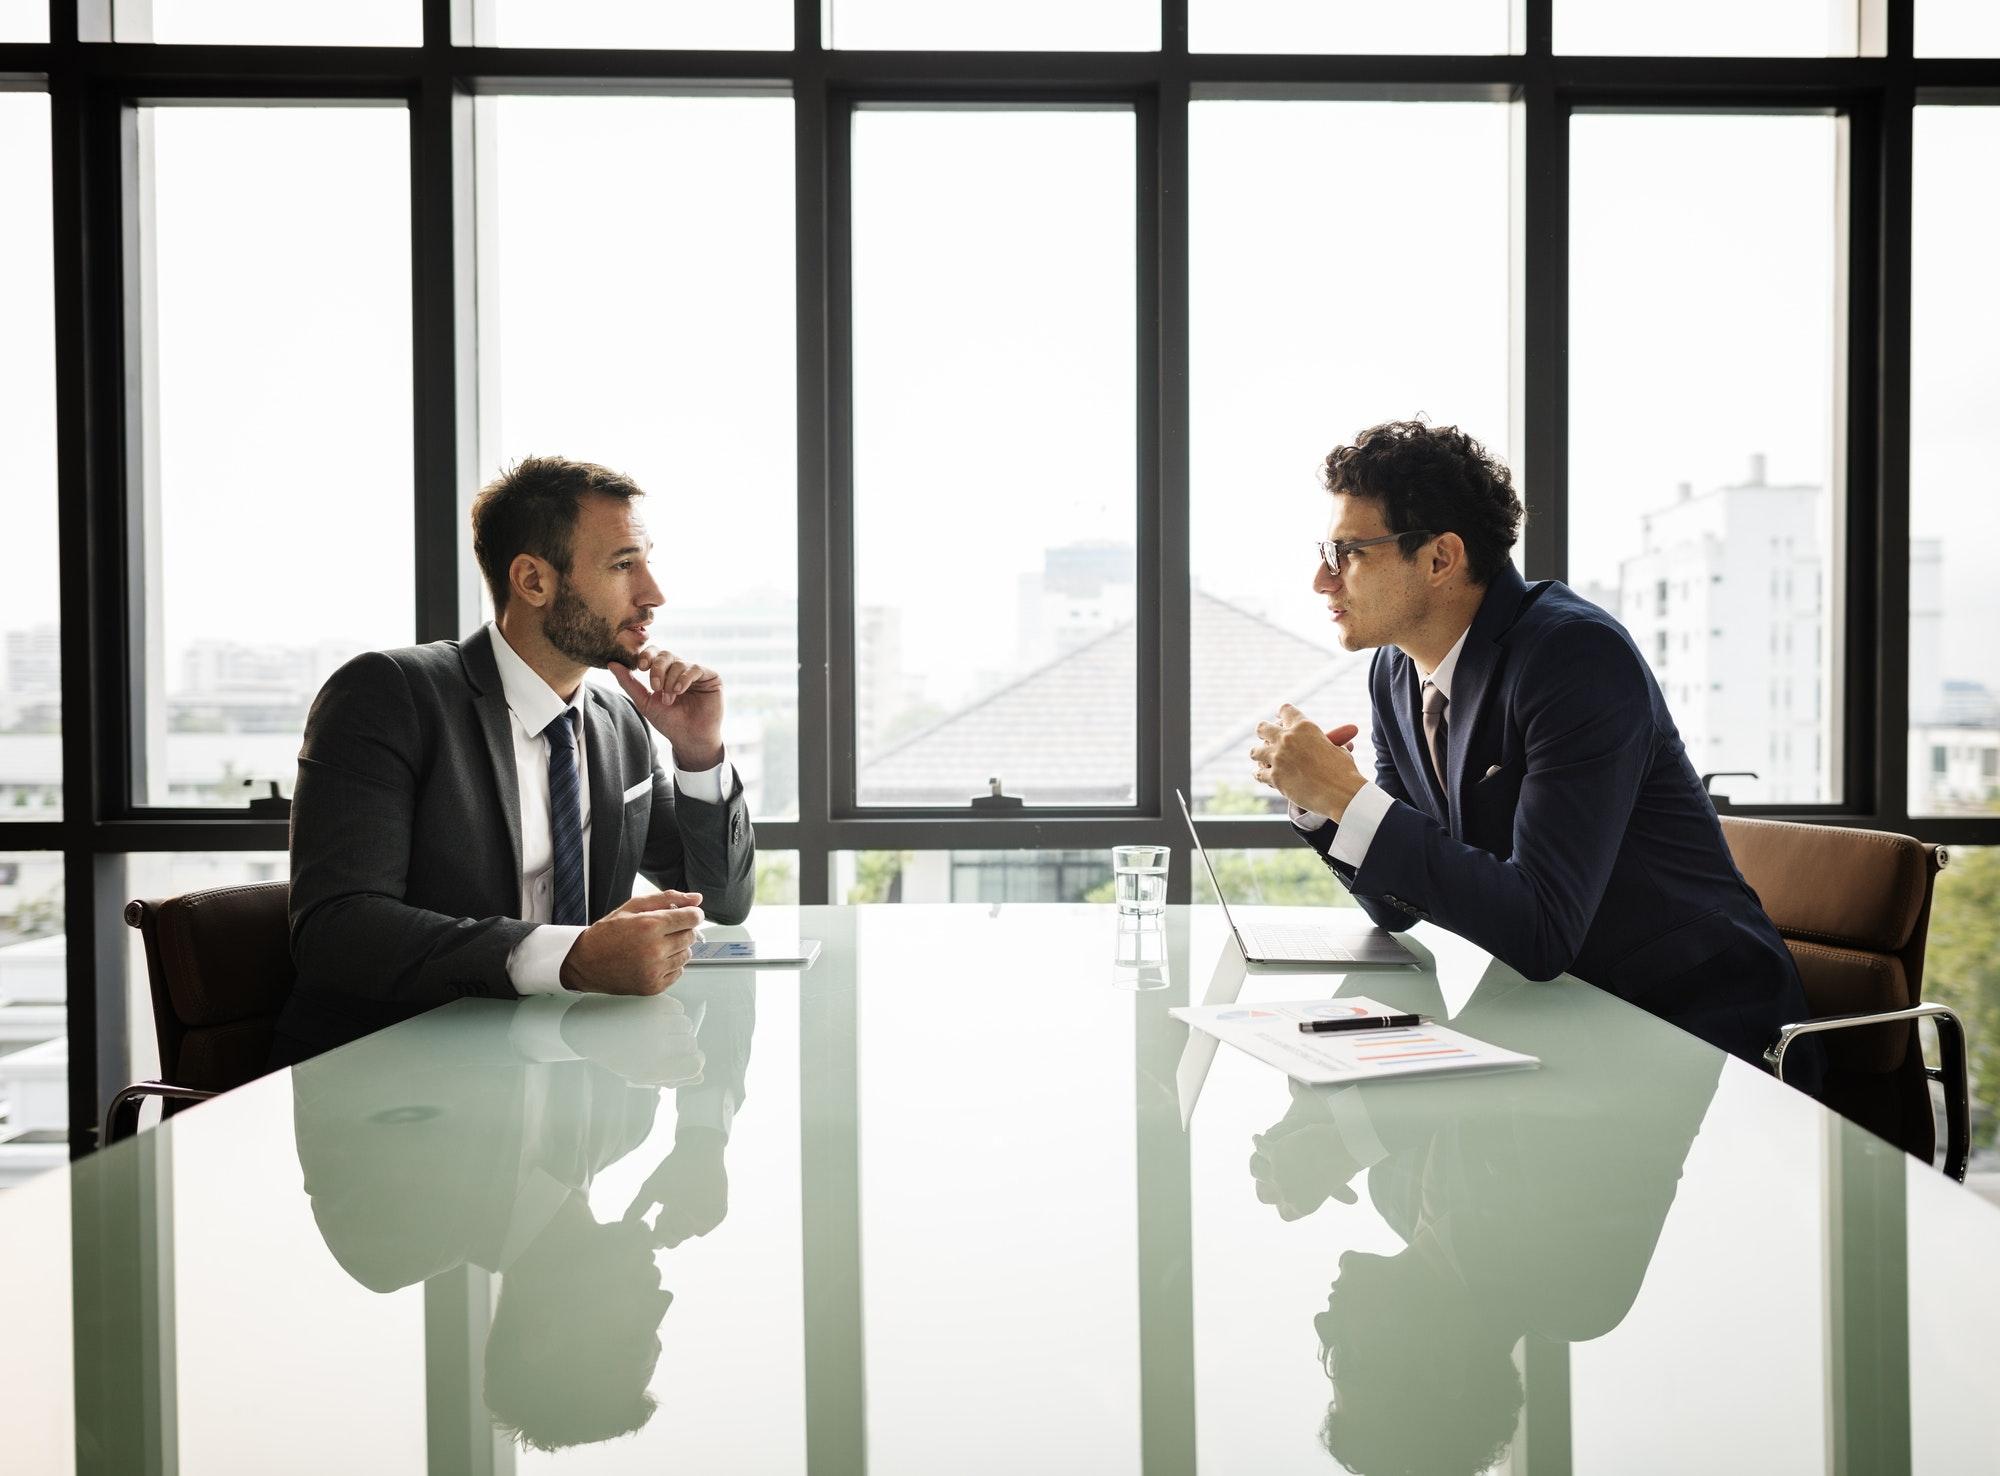 Czym jest komunikacja interpersonalna?